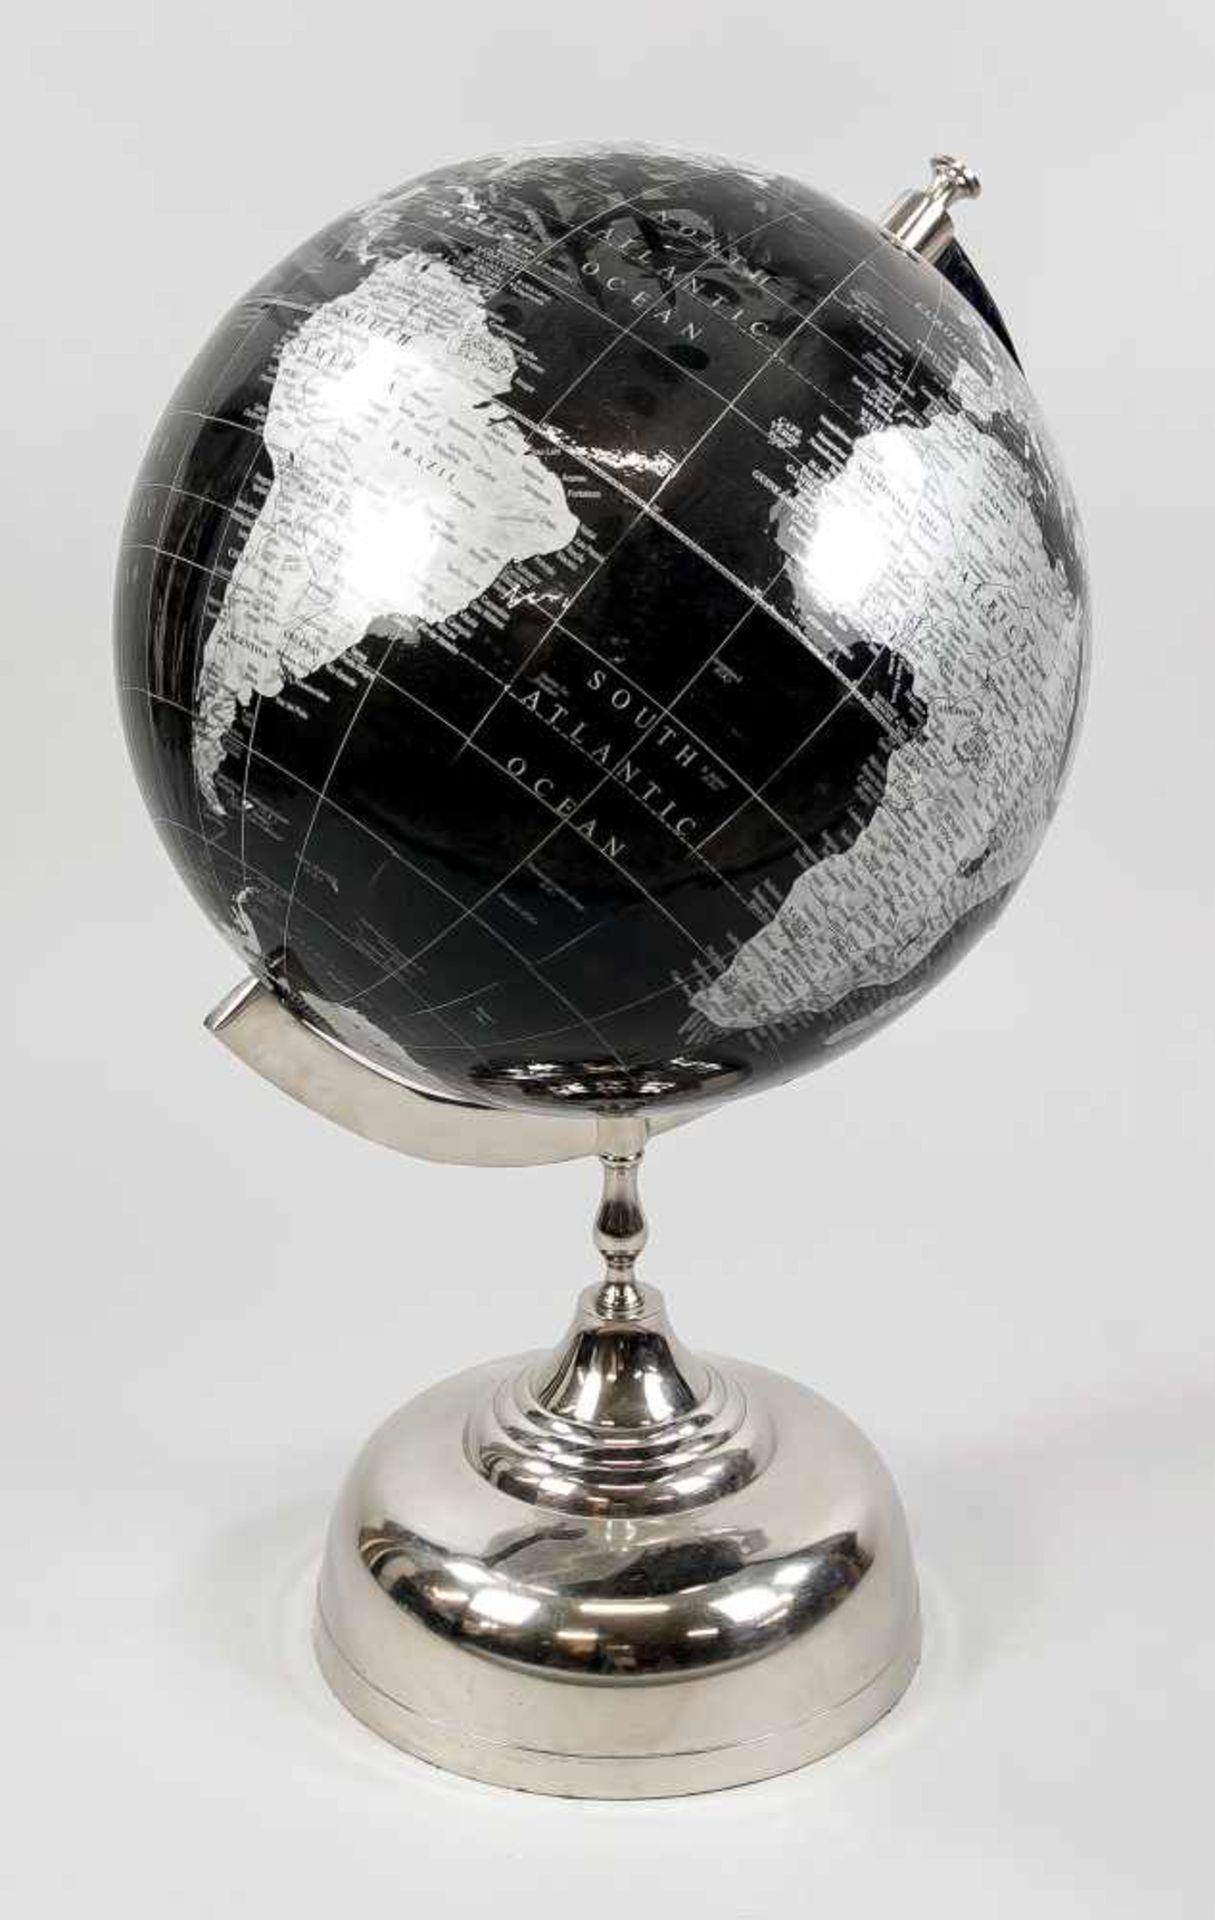 Großer Globus, 20. Jh., Metallfuß und Halterung verchromt, Globus in Grau und Schwarz,